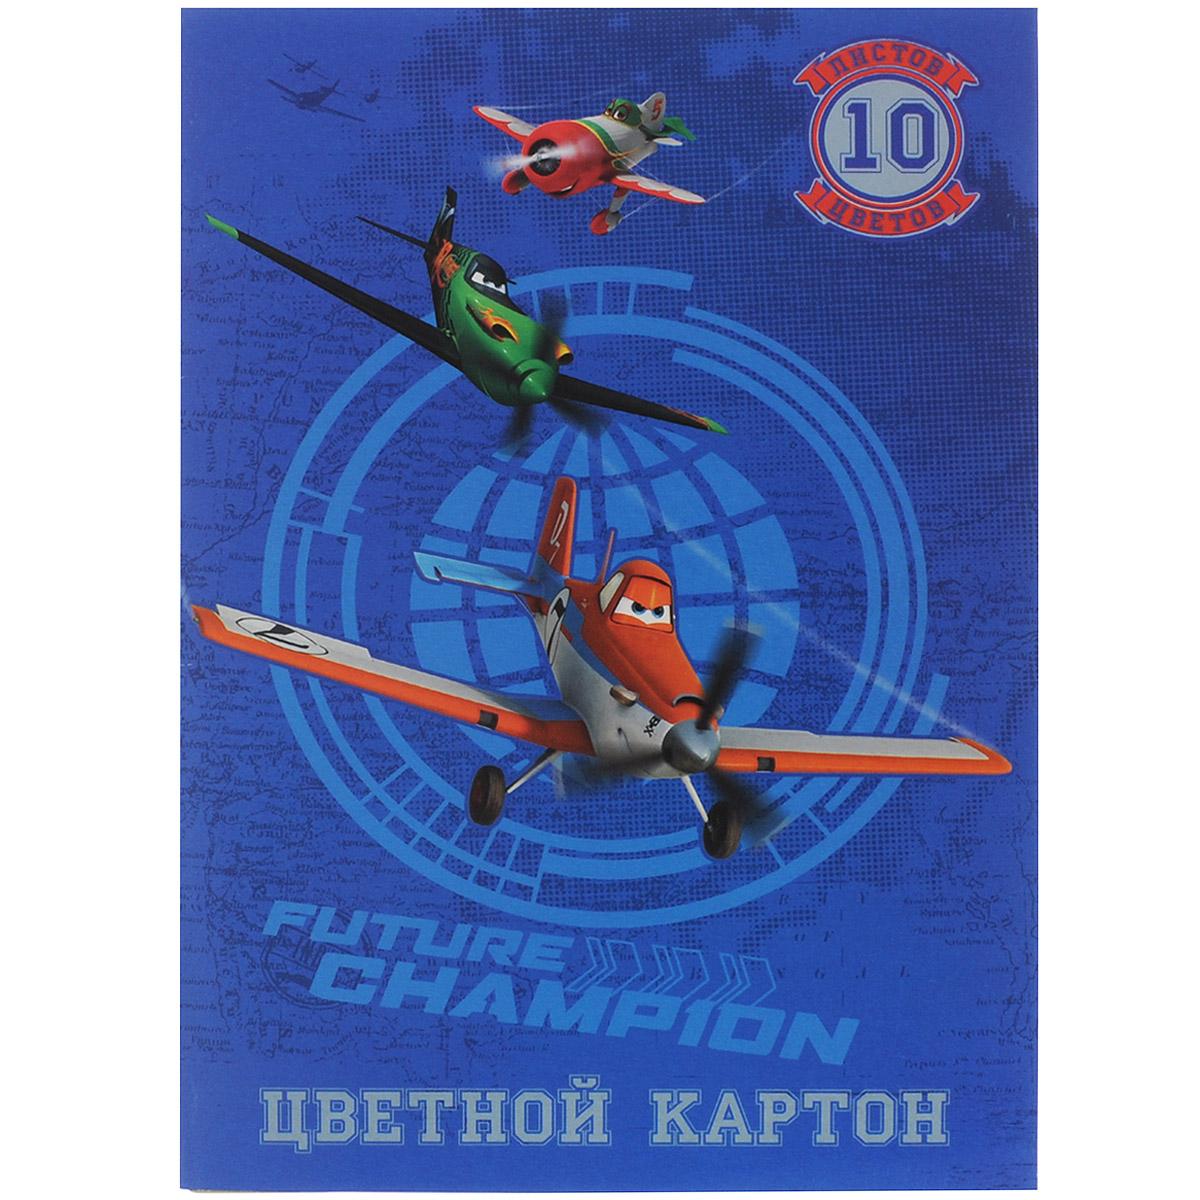 Цветной картон Disney Самолеты, 10 цветов25350Цветной картон Disney Самолеты идеально подойдет для творческих занятий в детском саду, школе или дома. Картон упакован в яркую картонную папку, оформленную рисунком с изображением героев мультфильма Самолеты. Упаковка содержит десять листов картона разных цветов (оранжевый, зеленый, желтый, черный, синий, фиолетовый, красный, коричневый, золотой и серебряный). Создание поделок и аппликаций из картона - это увлекательный досуг, который позволяет ребенку развивать свои творческие способности. Рекомендуемый возраст: от 3 лет.